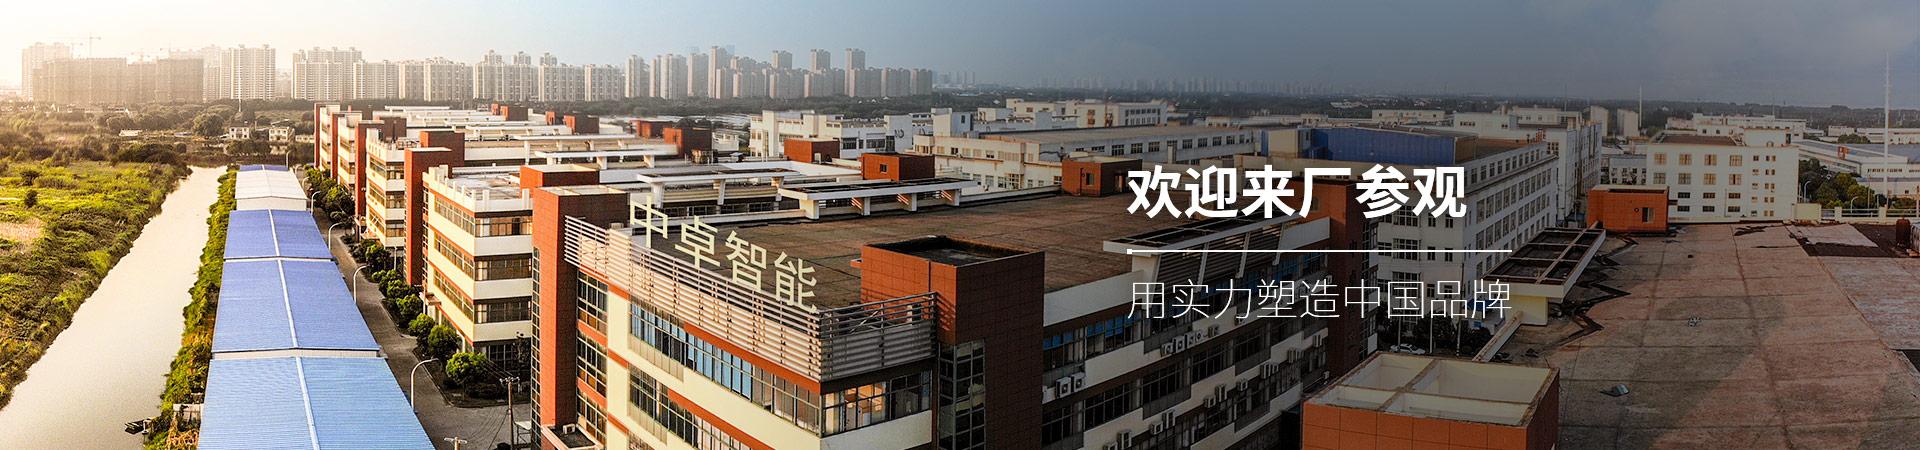 龙8国际欢迎您智能-用实力塑造中国品牌